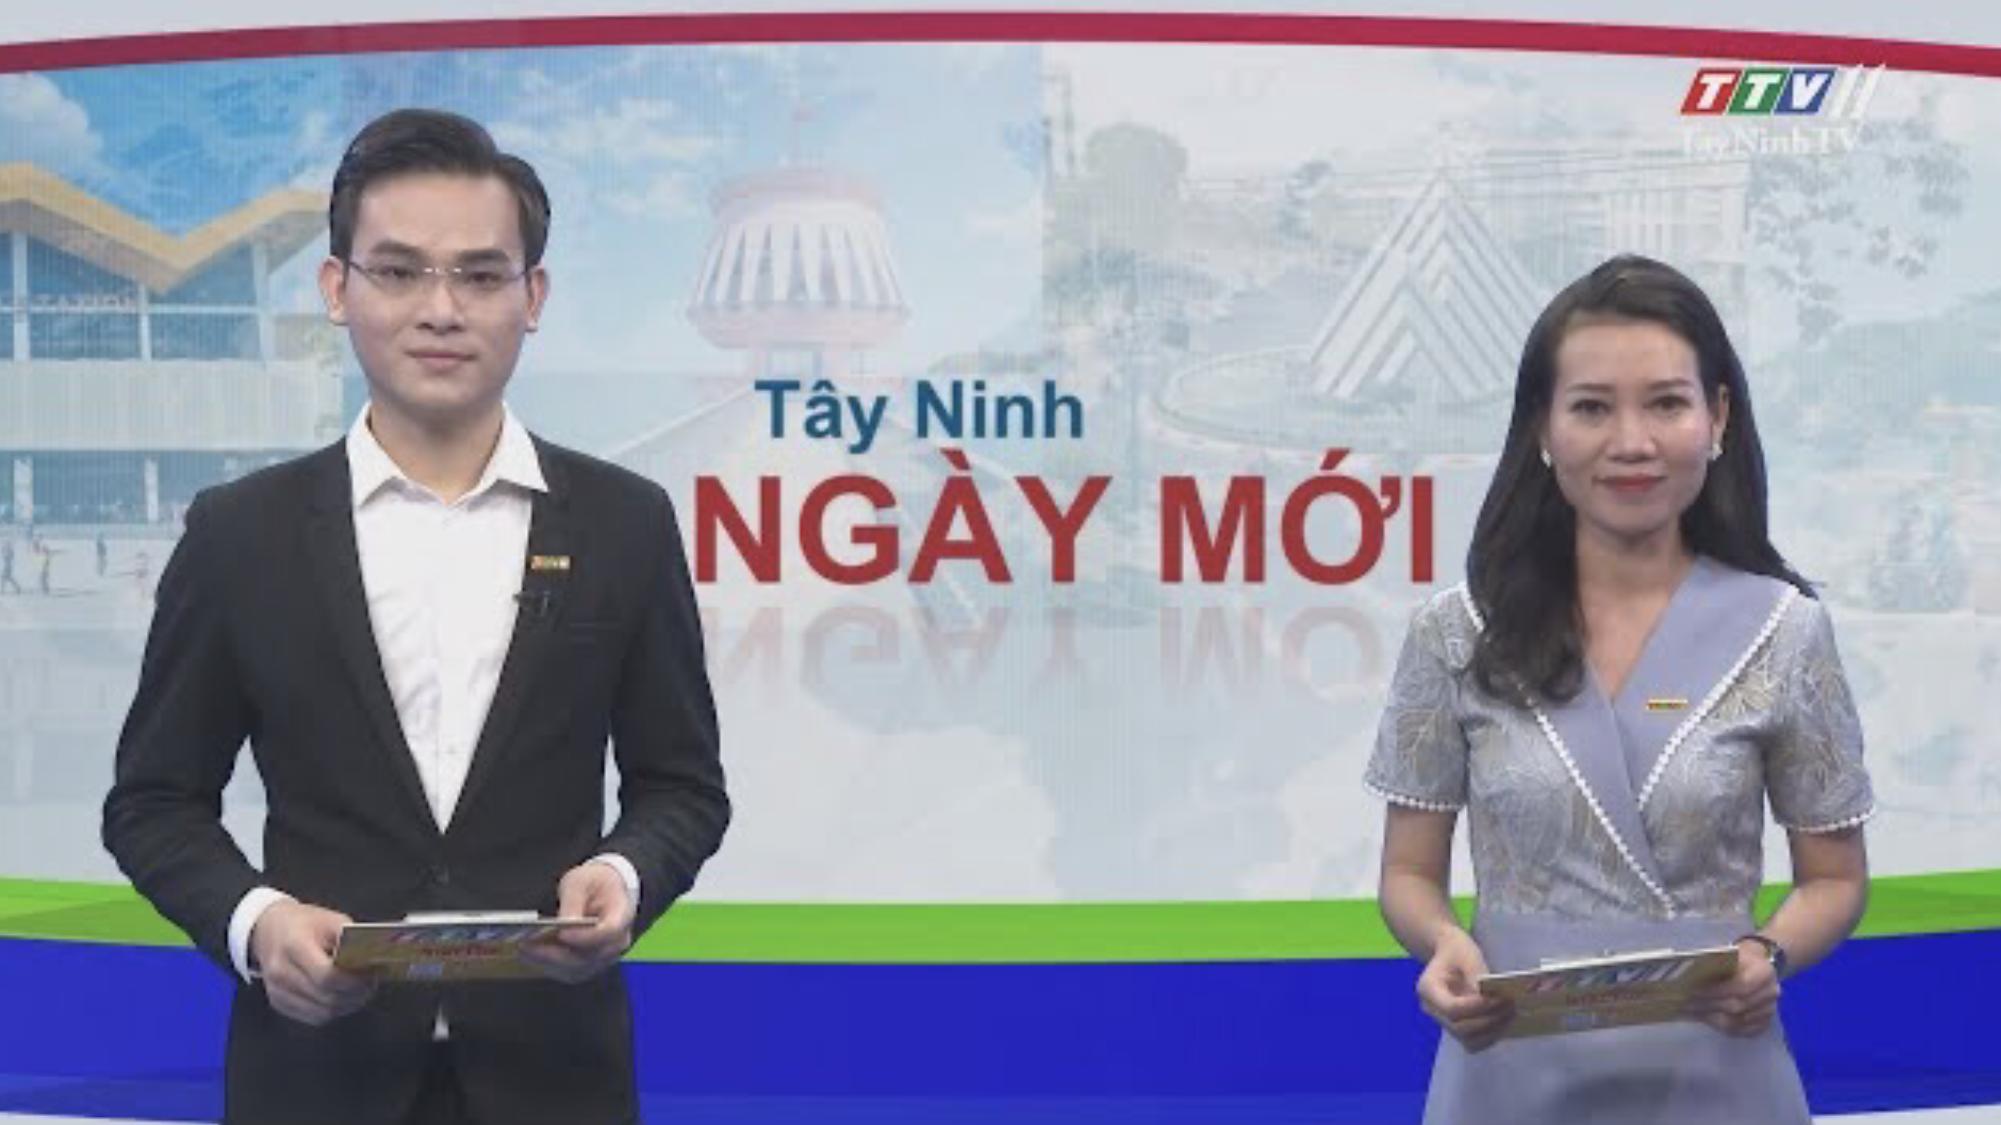 Tây Ninh Ngày Mới 24-3-2021   Tin tức hôm nay   TayNinhTV